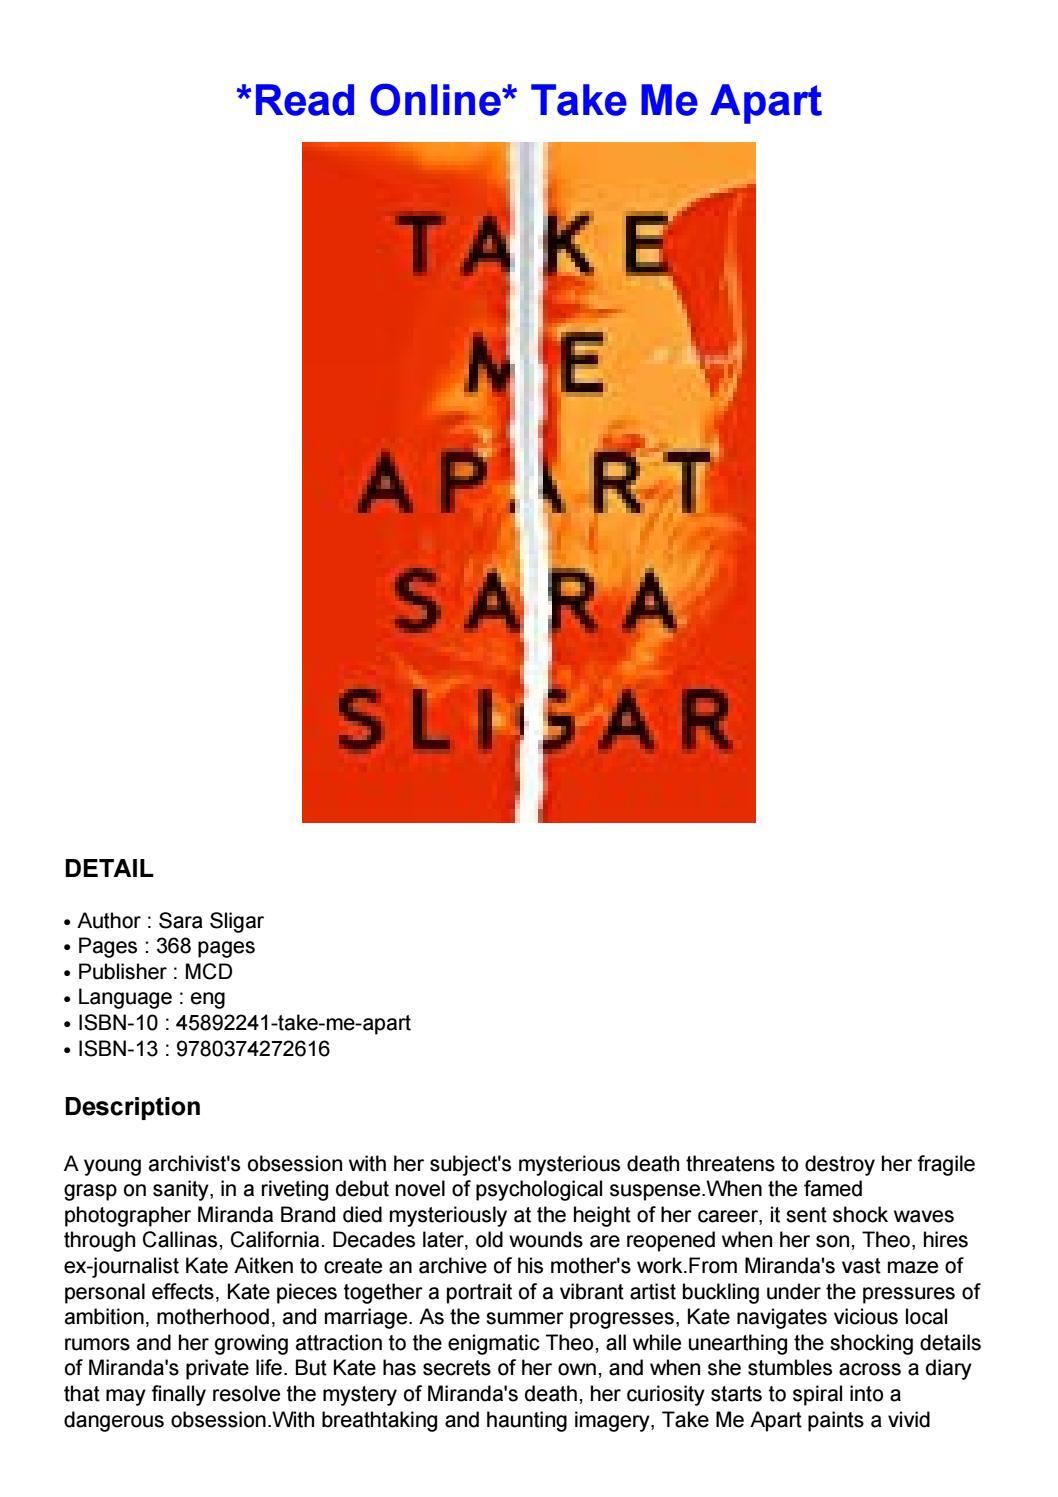 Take Me Apart Sara